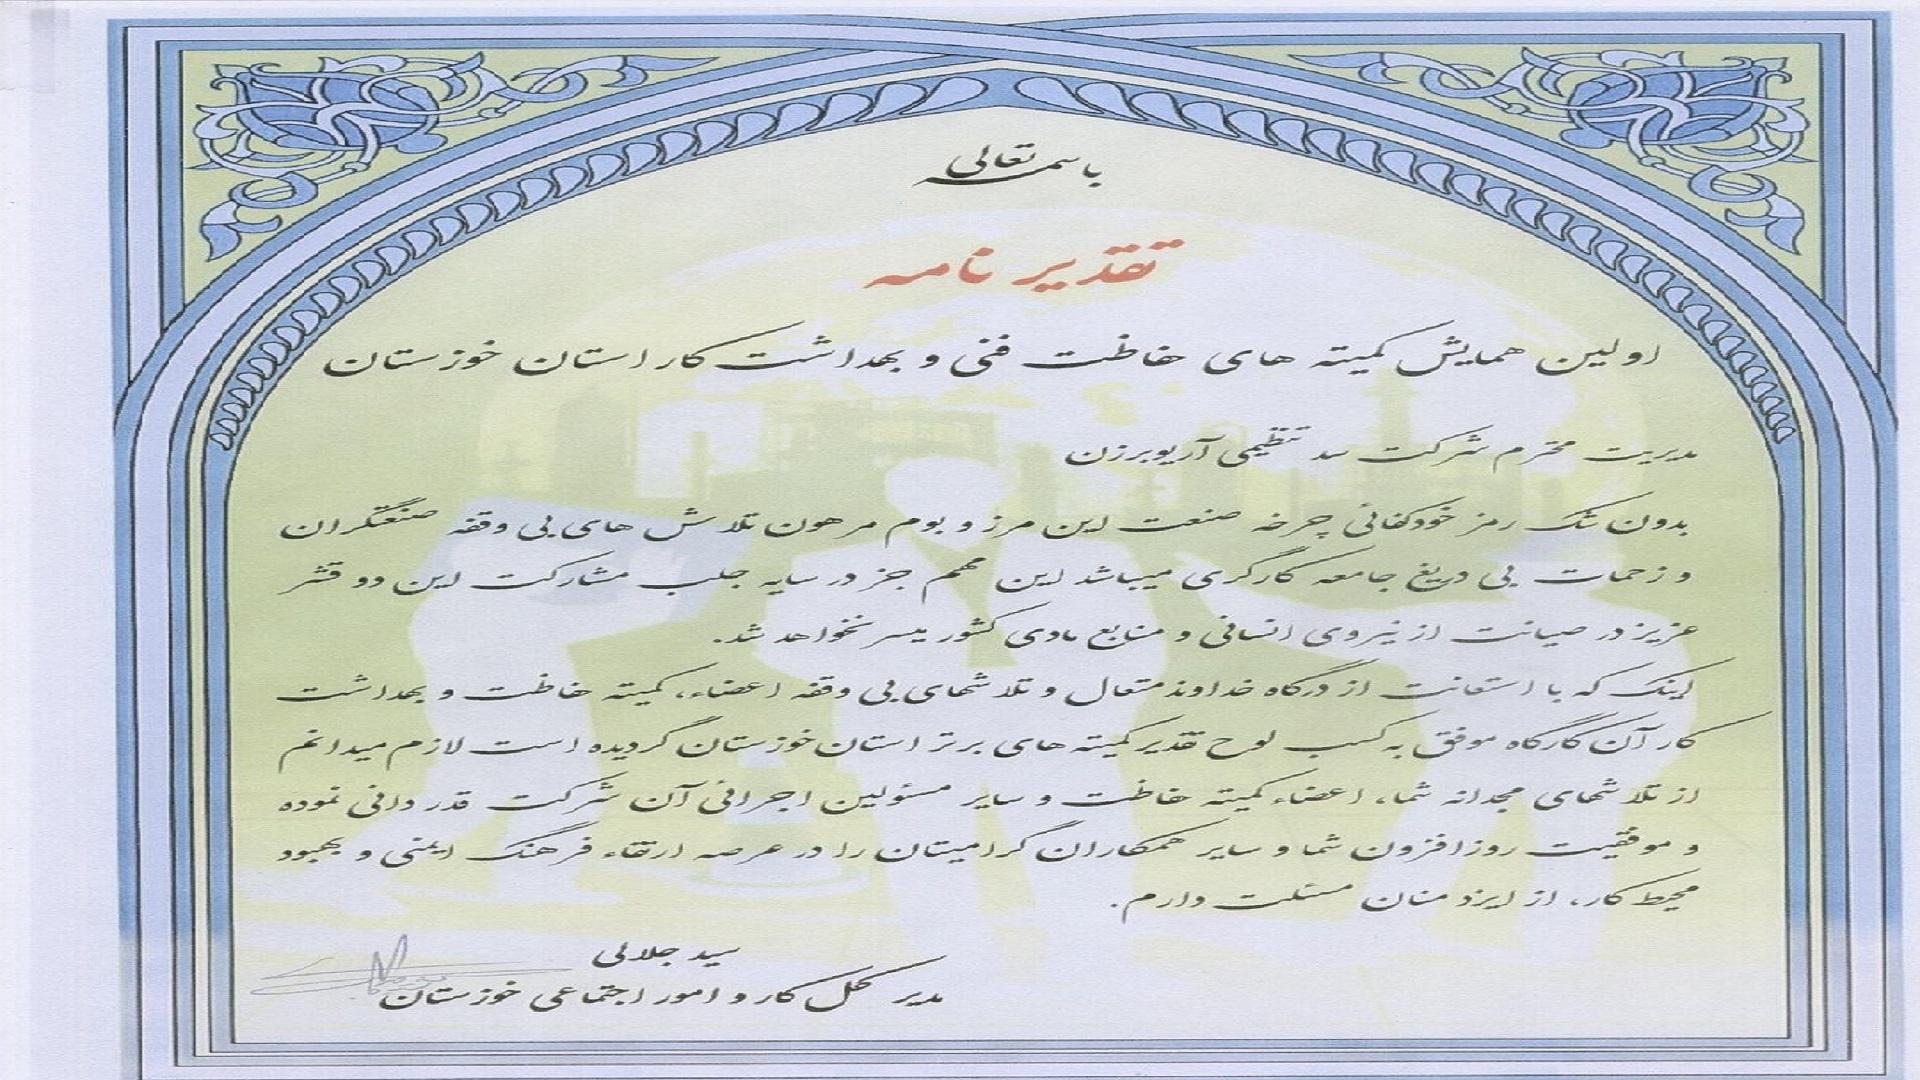 مدیر کل کار و امور اجتماعی خوزستان